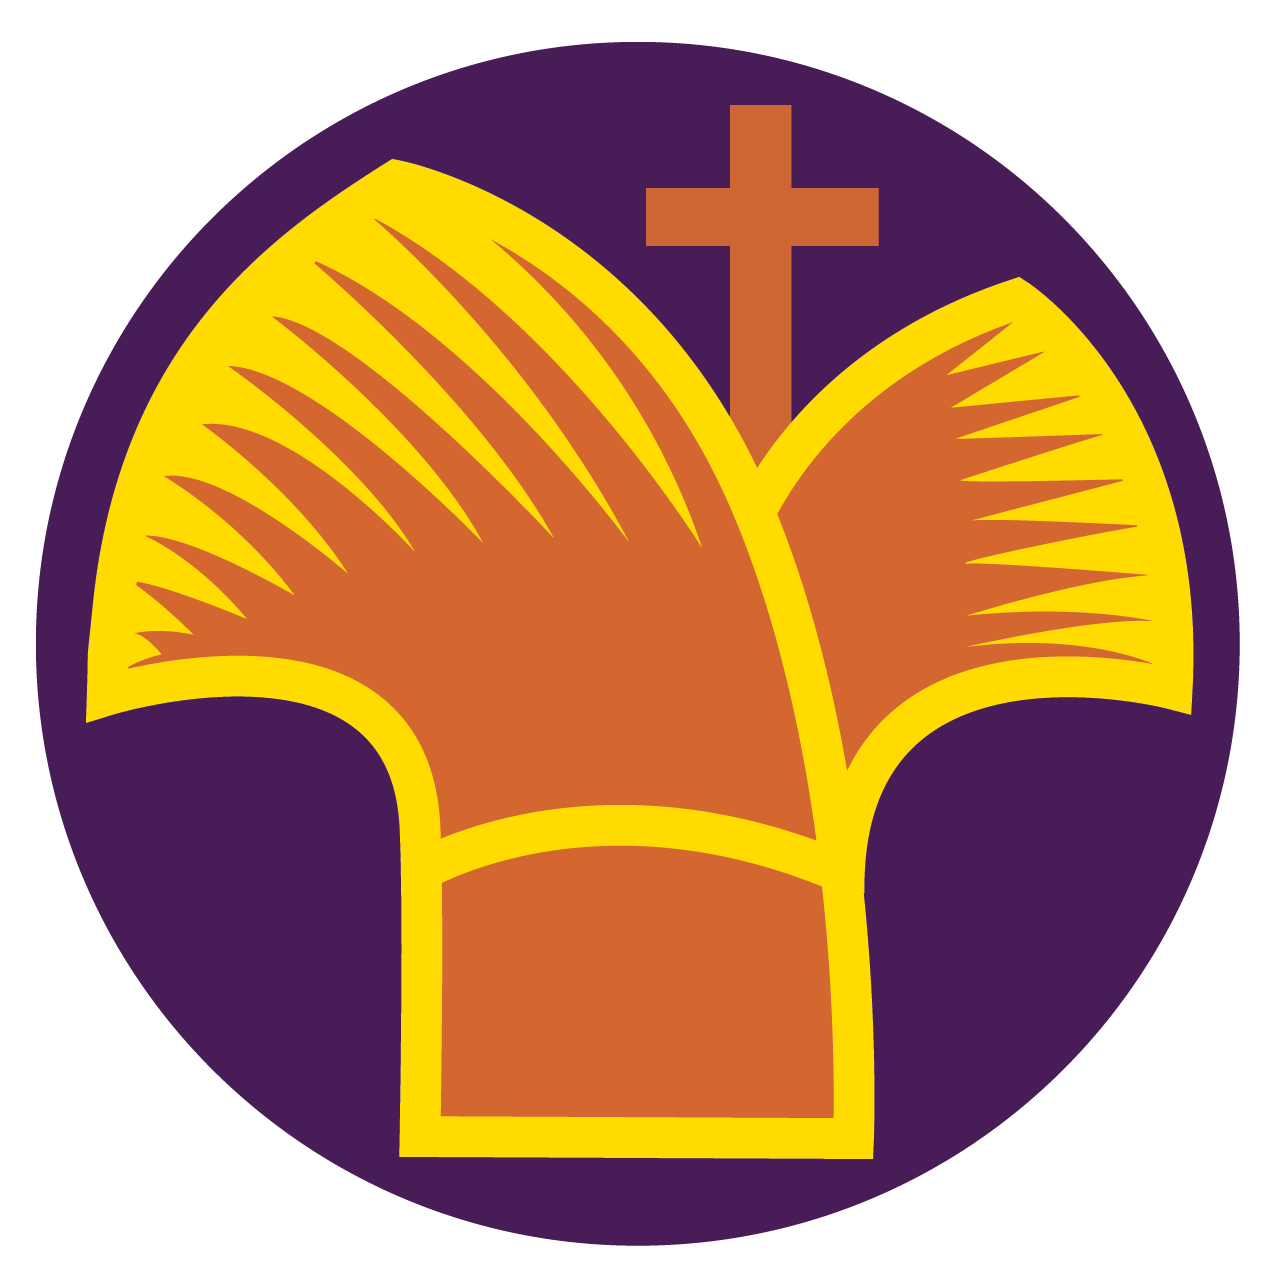 HỘI THÁNH TRUYỀN GIÁO BÁP TÍT